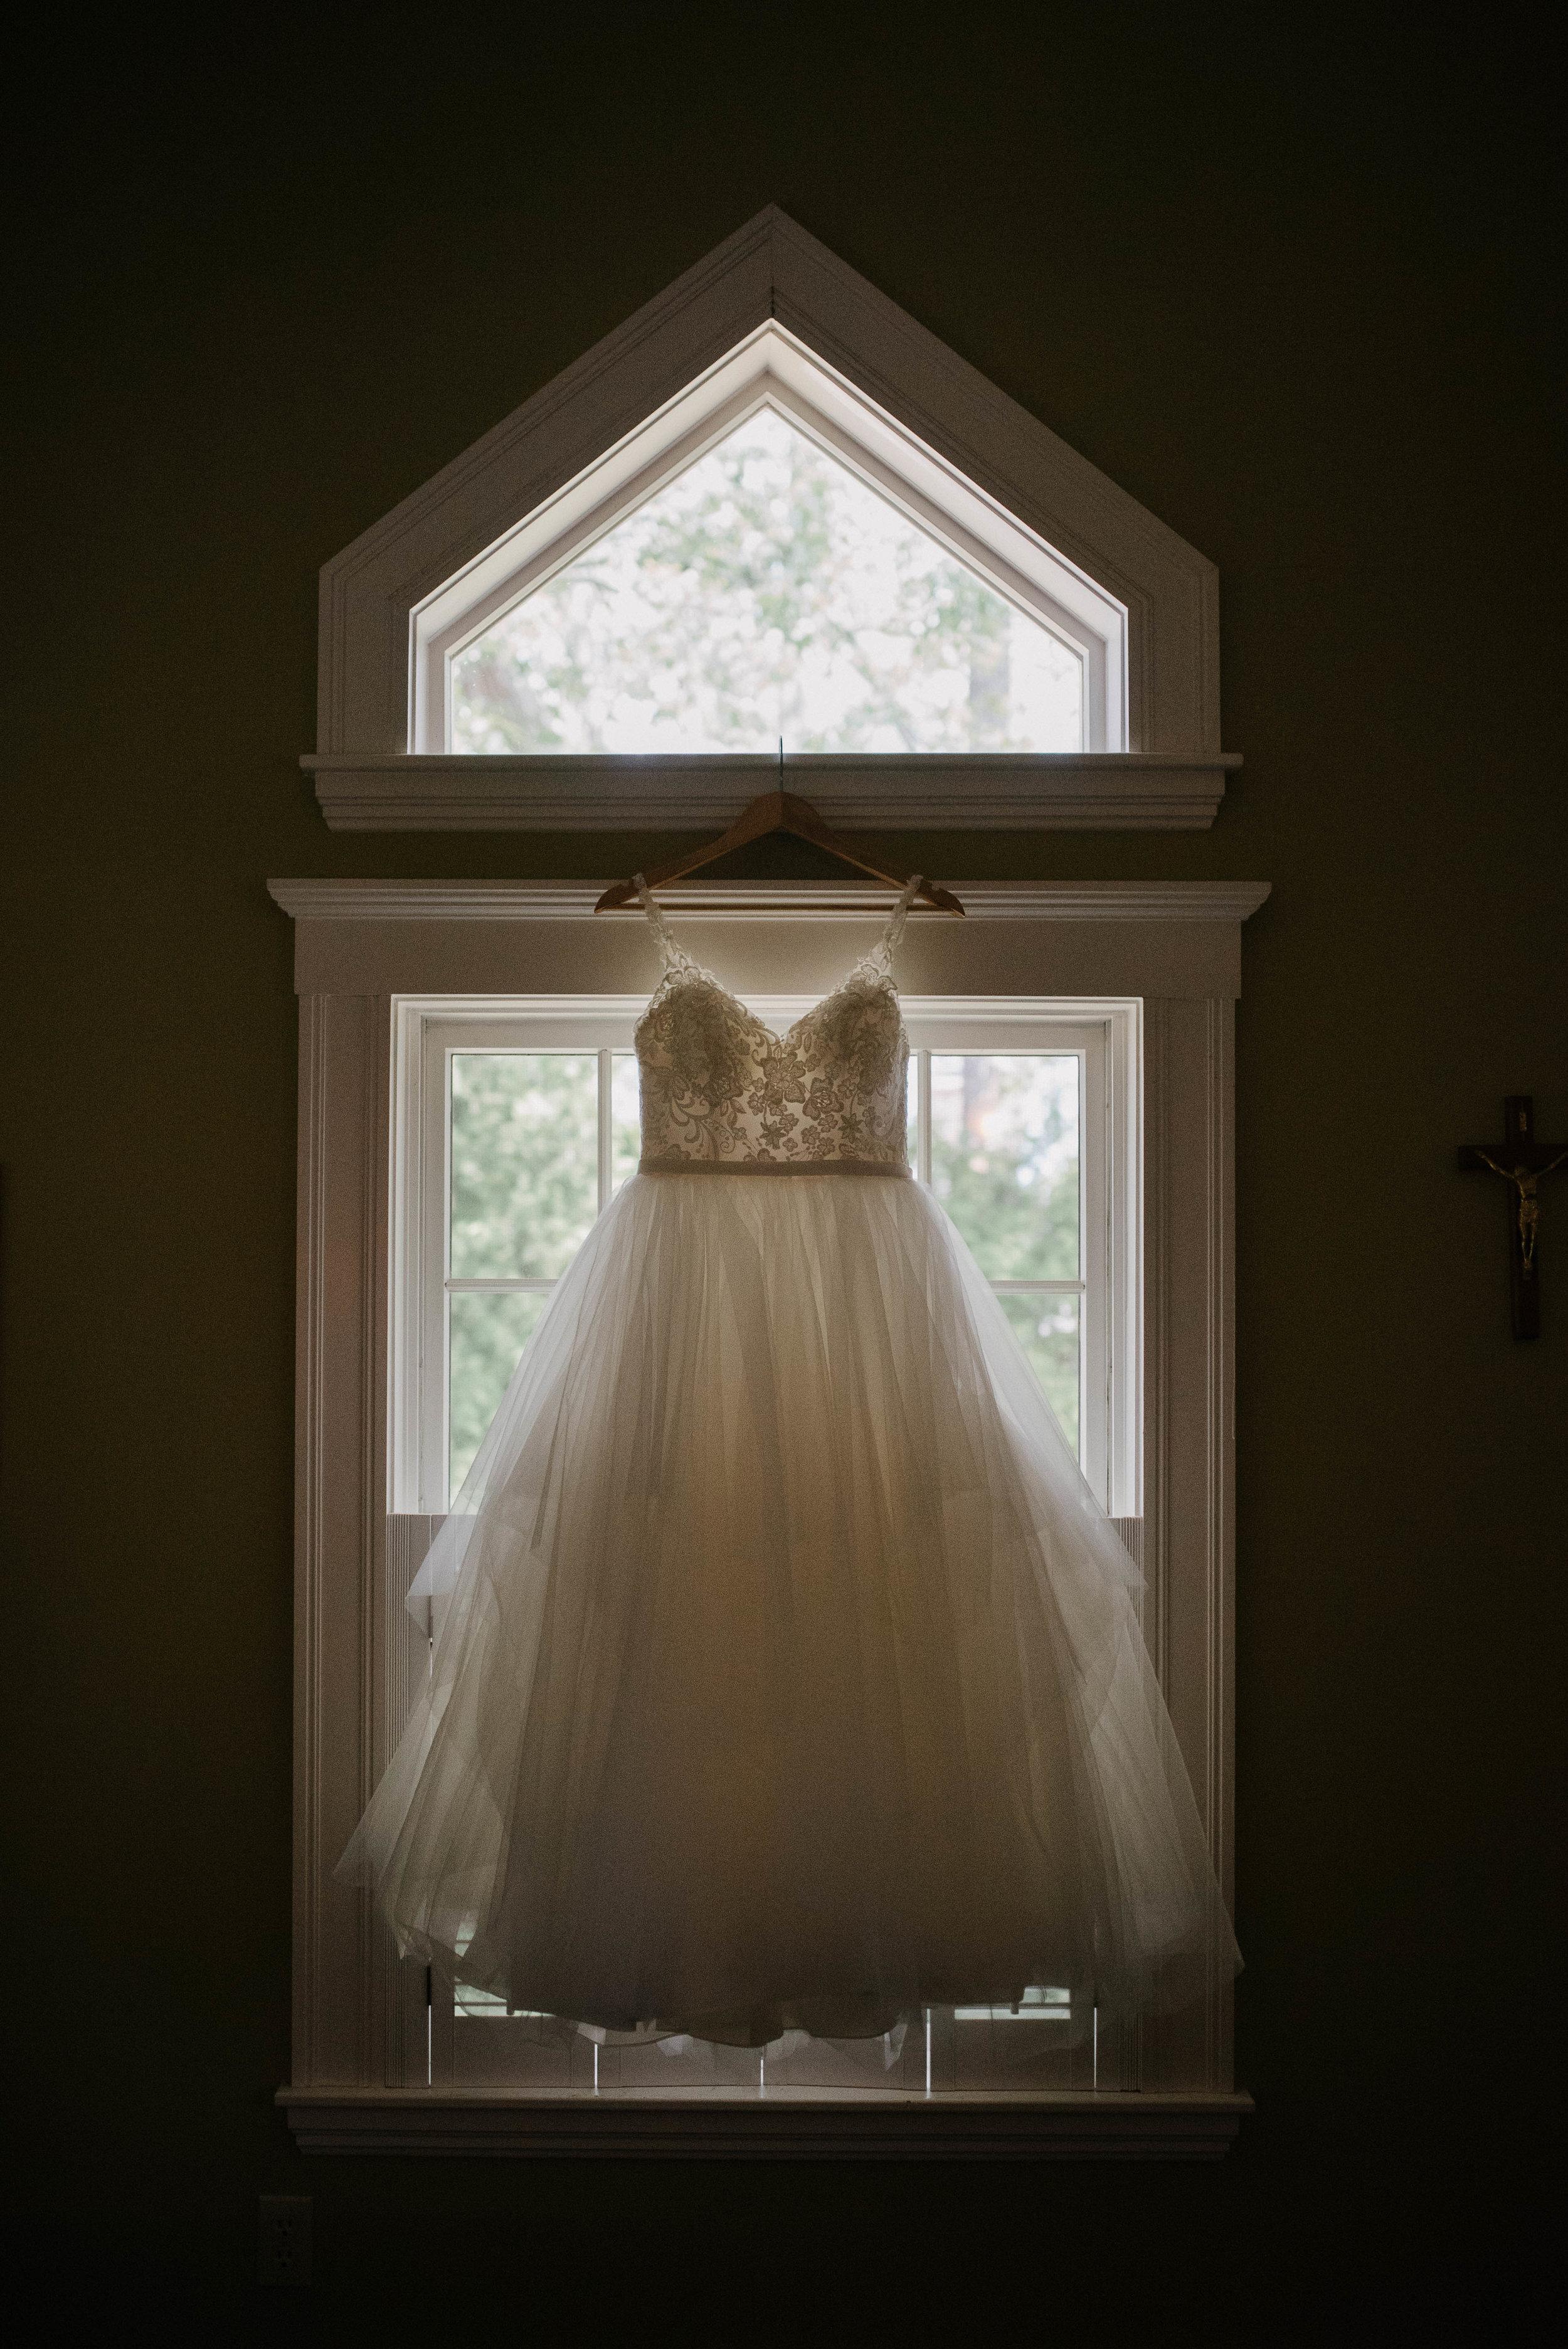 05_ipswich hellenic center wedding fifty one hale.jpg